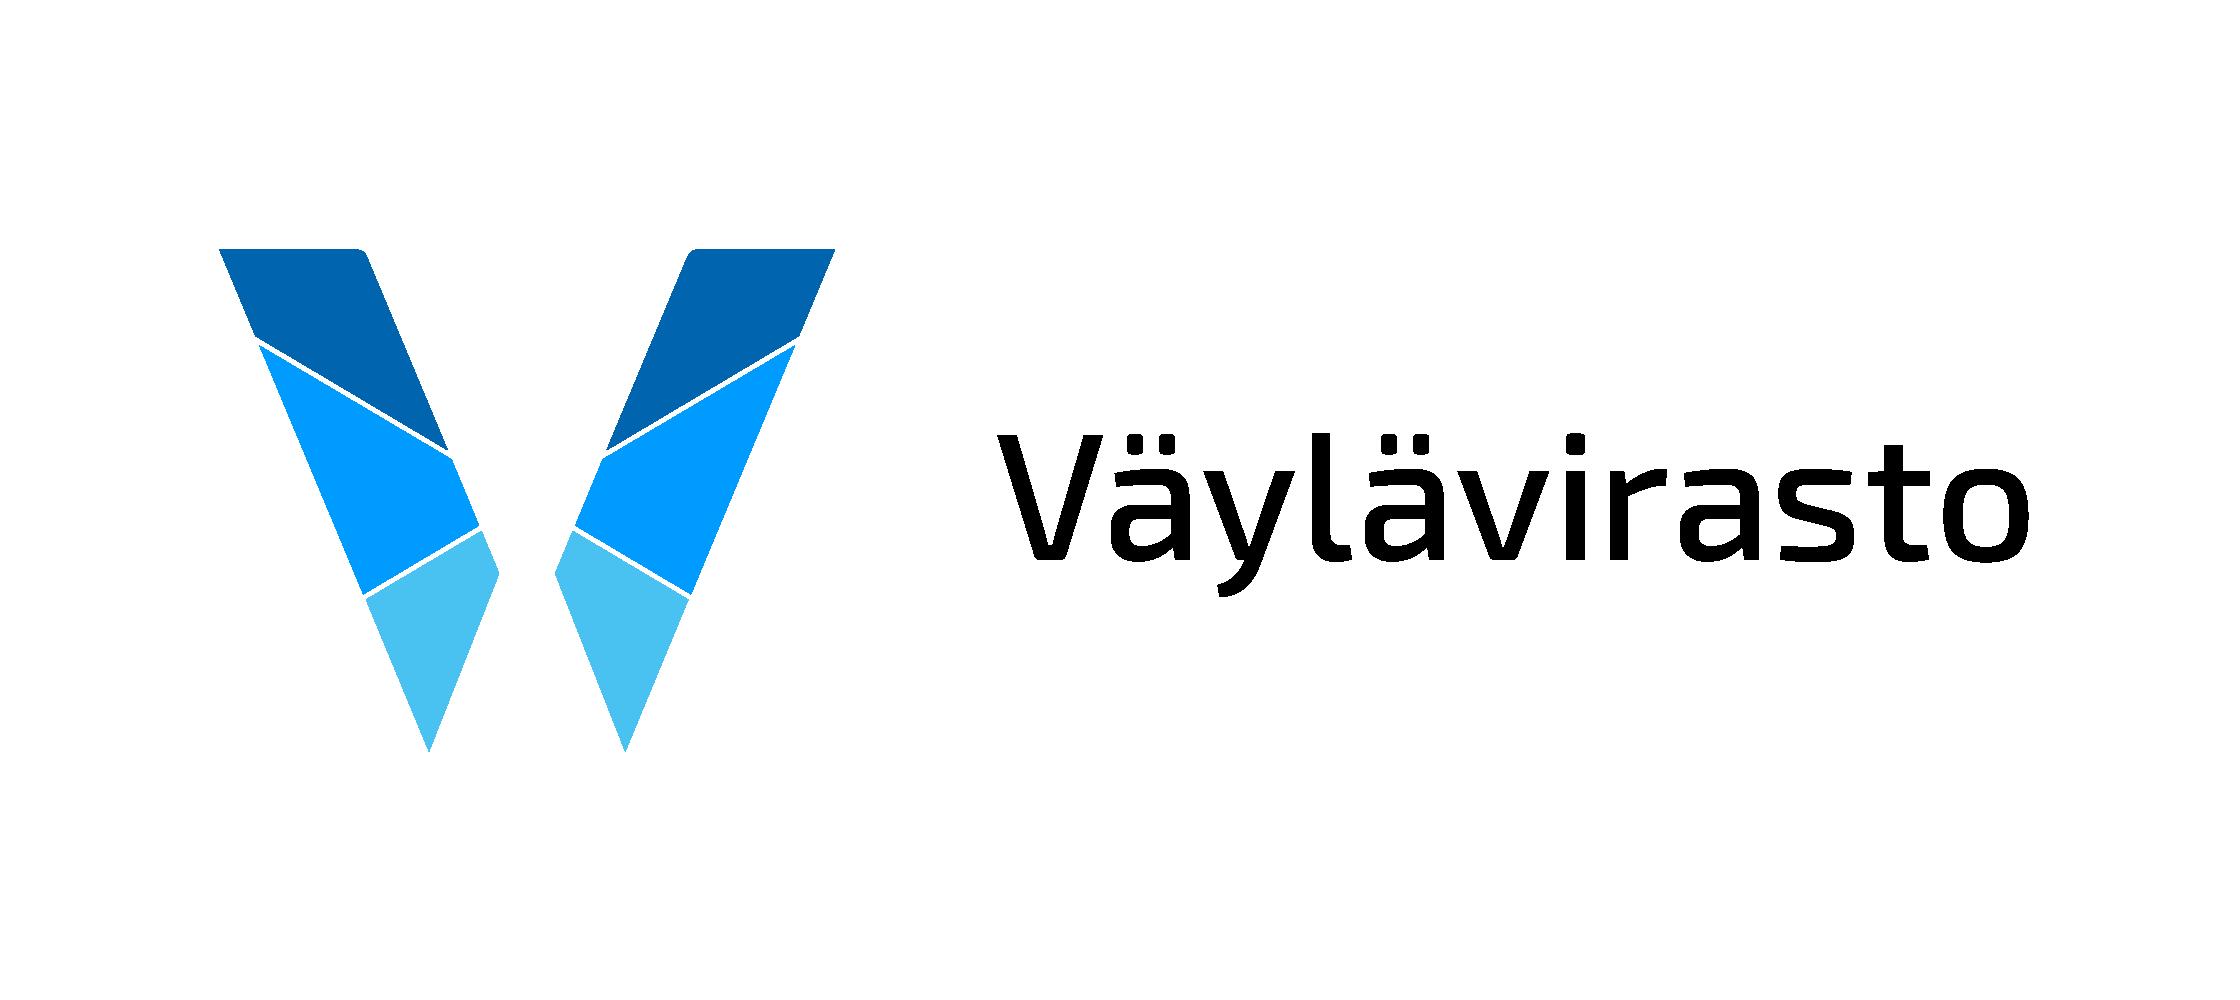 Väylävirasto logo